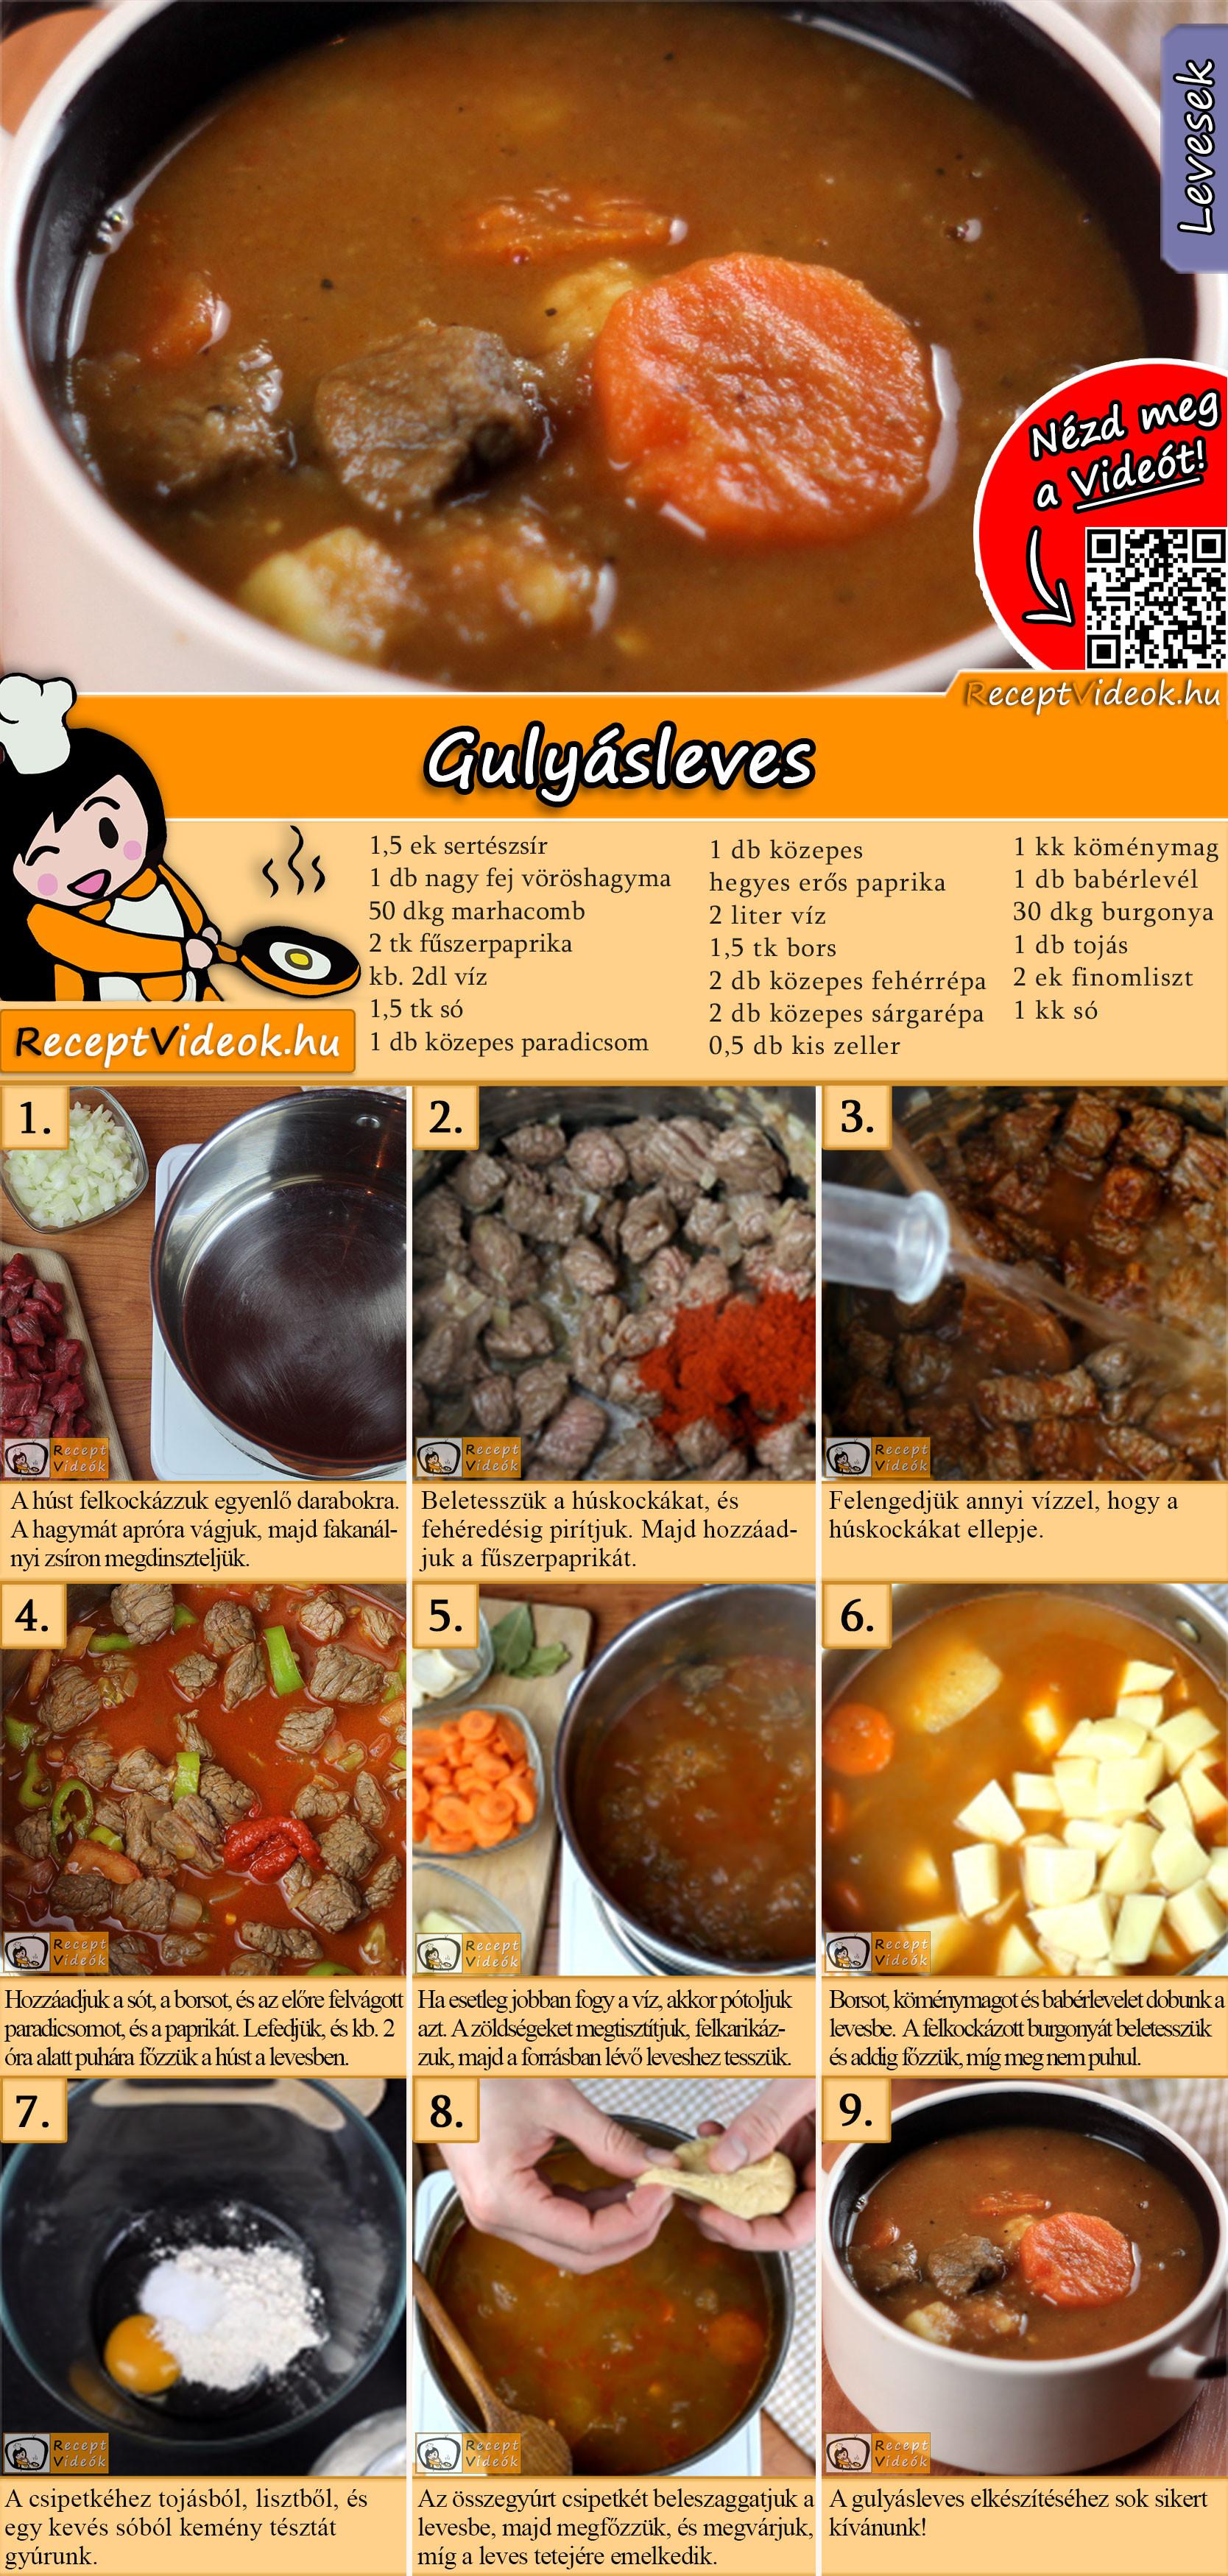 Gulyásleves recept elkészítése videóval